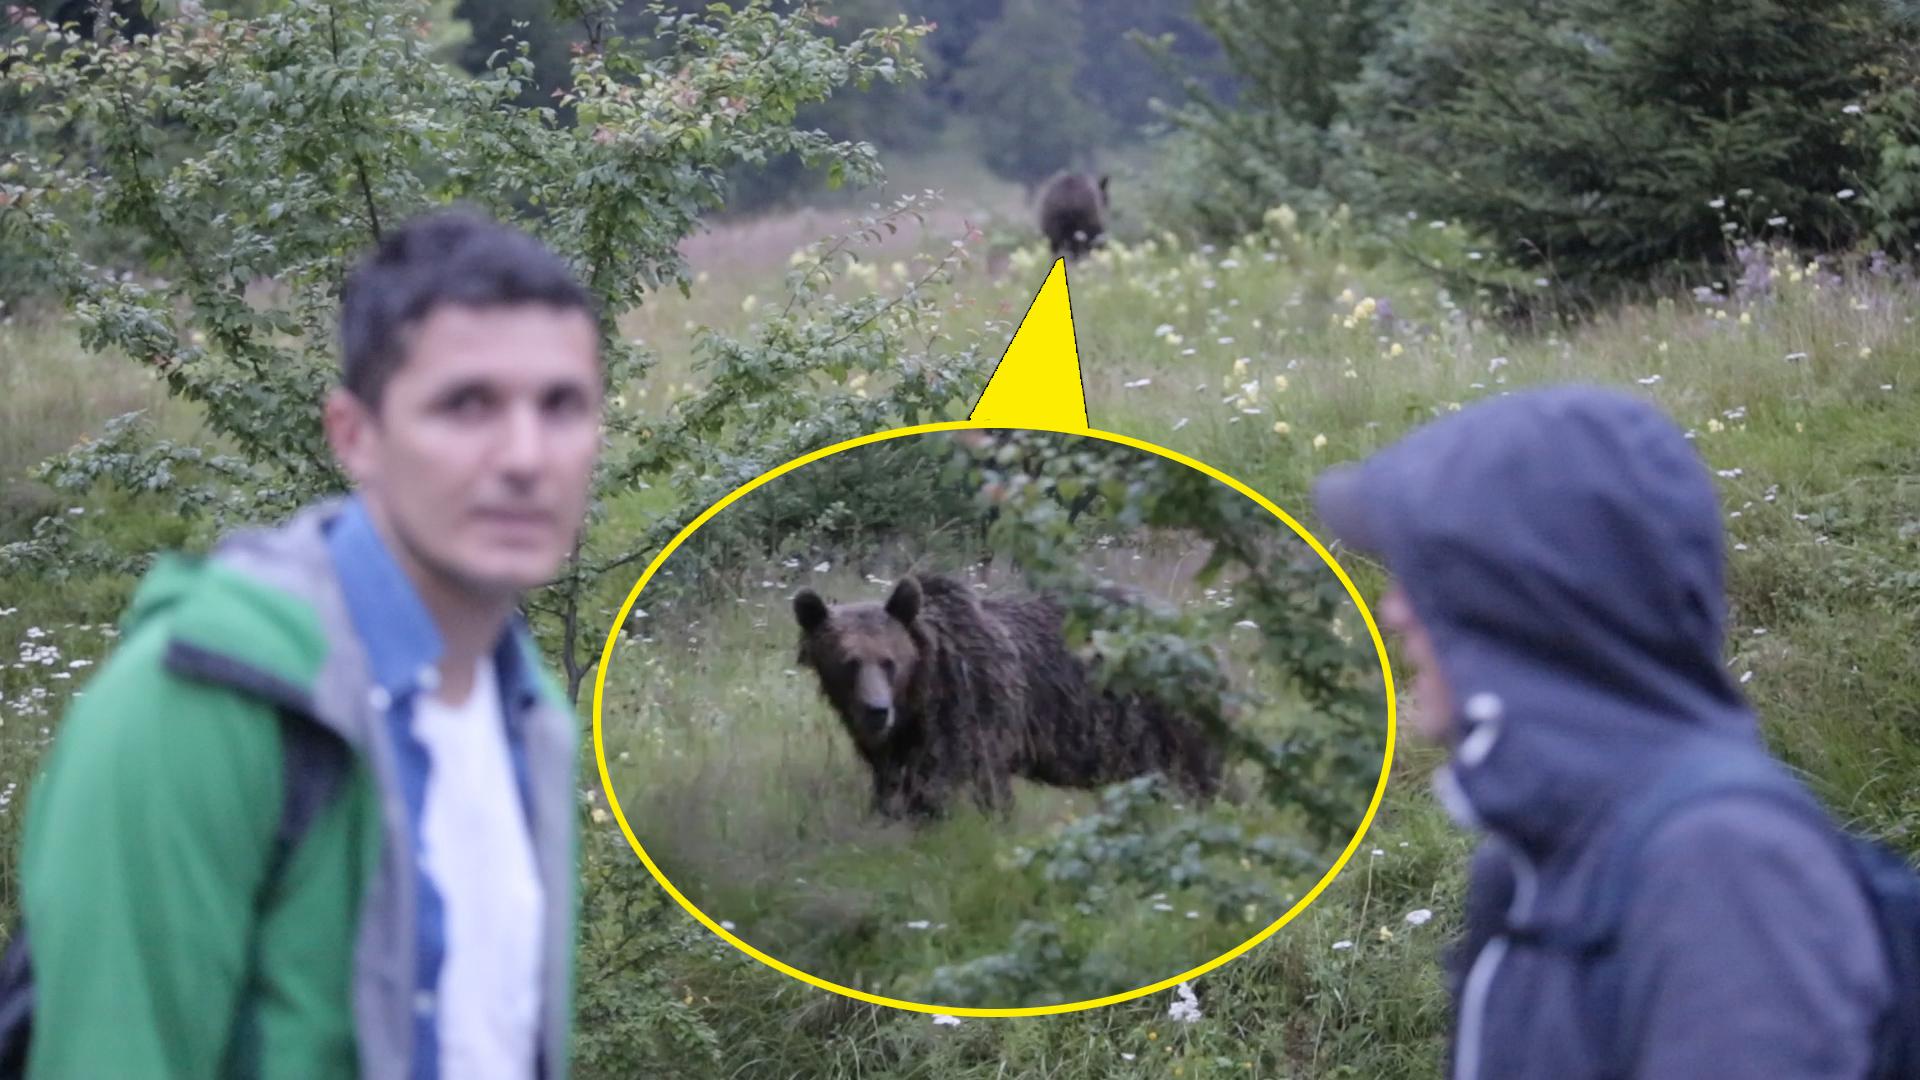 Lelőtték a tusványosi medvét, amelyik kifosztotta a gyermekotthon hűtőszekrényét